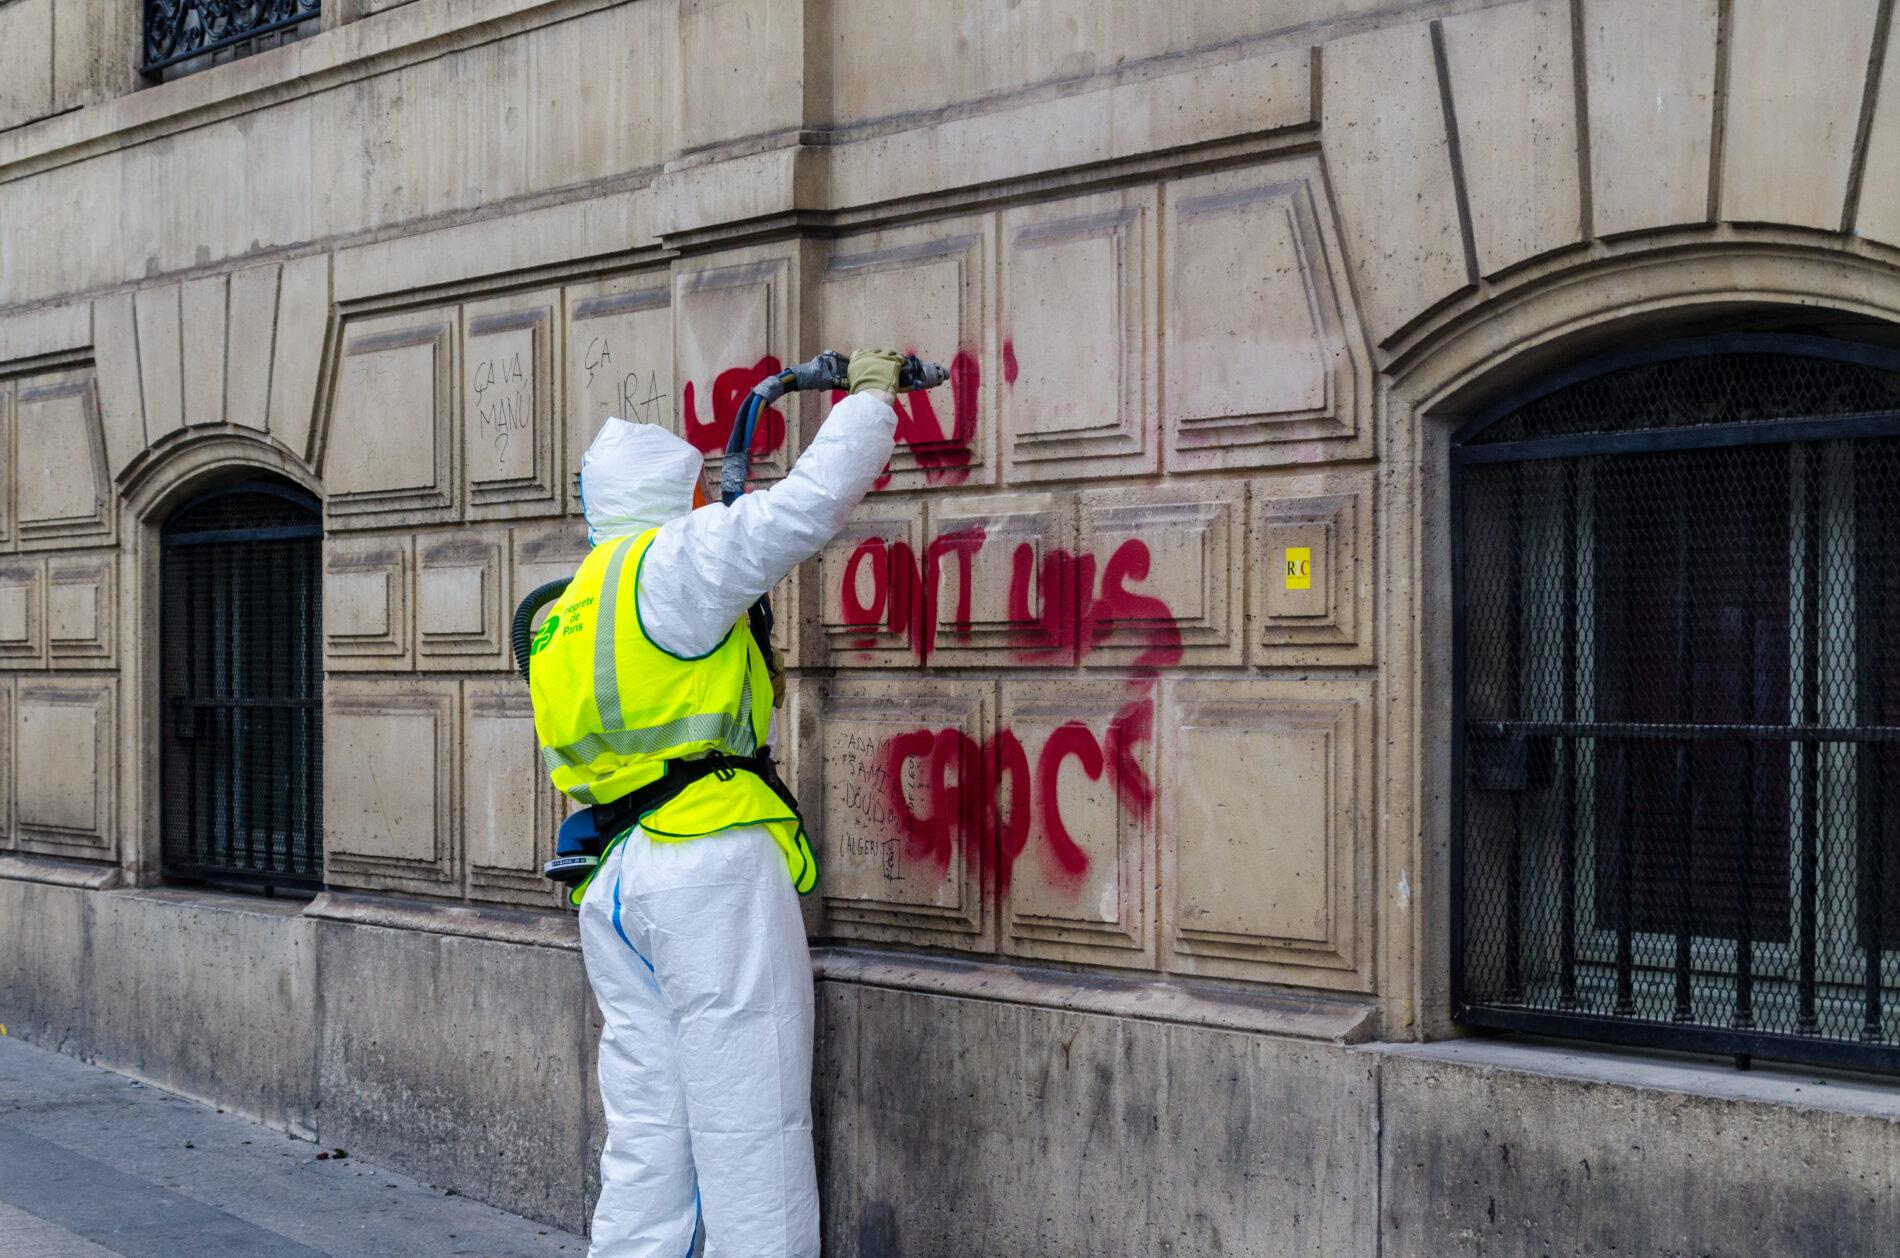 Graffiti Removal Building